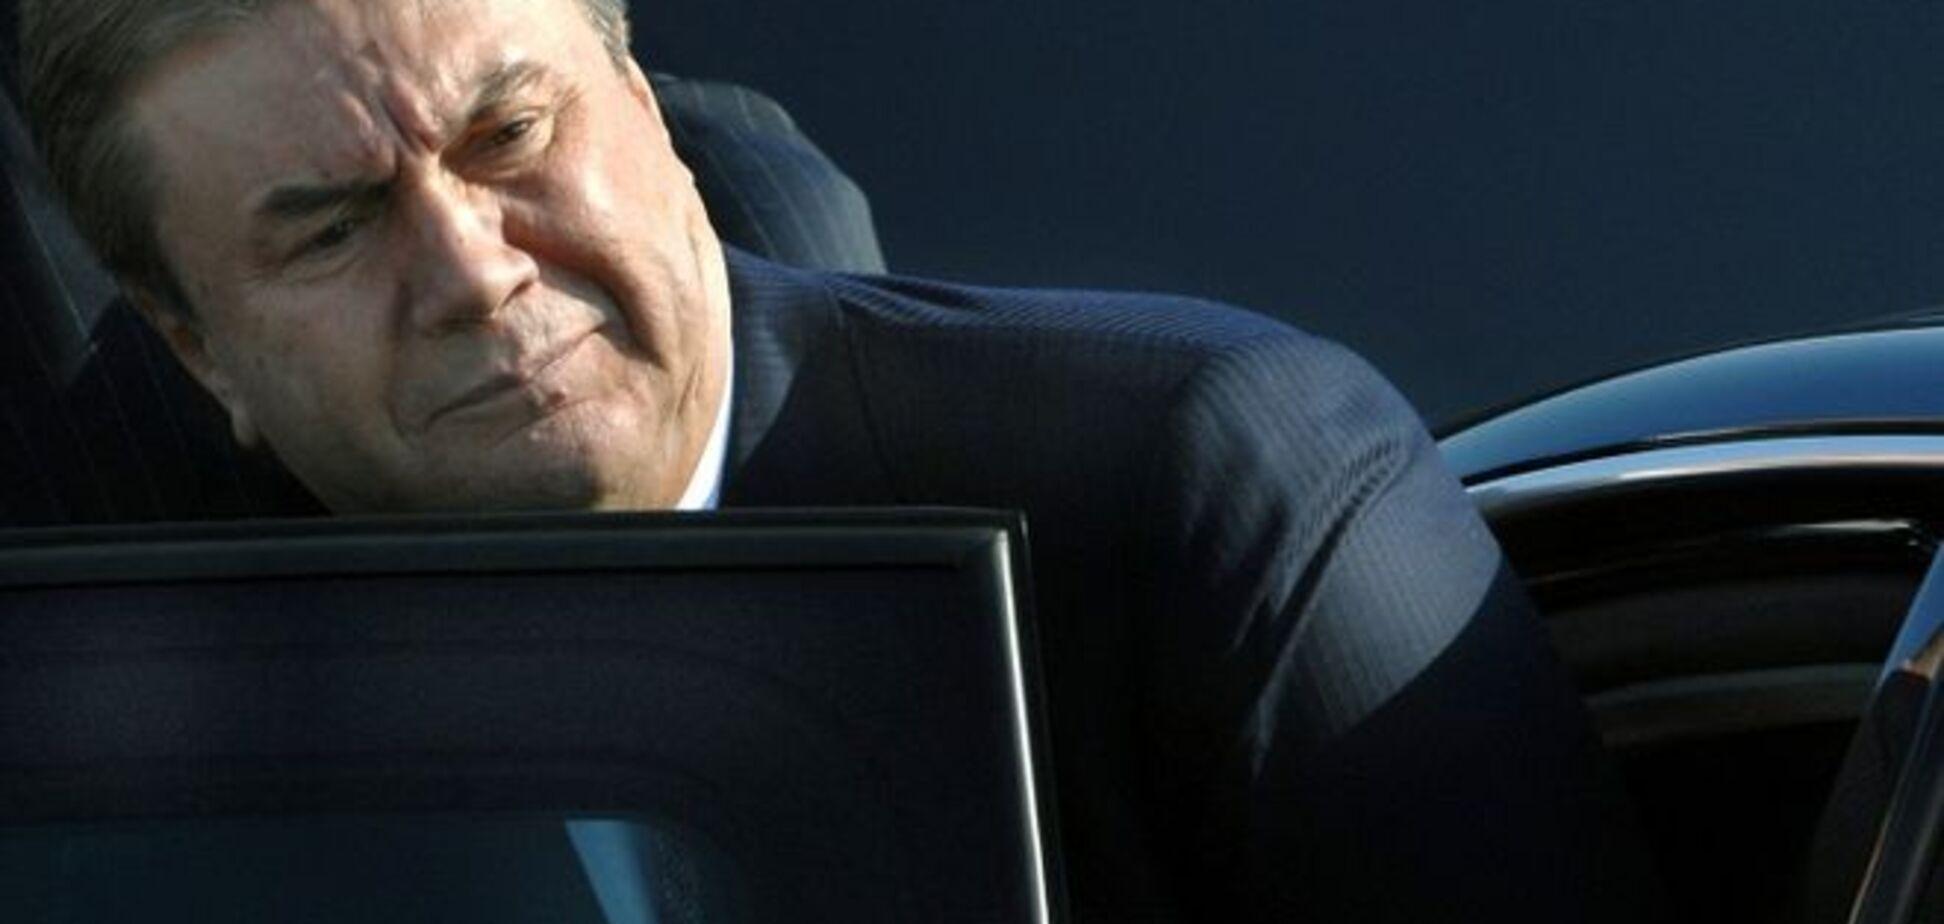 Бегство Януковича и Ко: Россия выставила Украине 'секретный' счет – СМИ